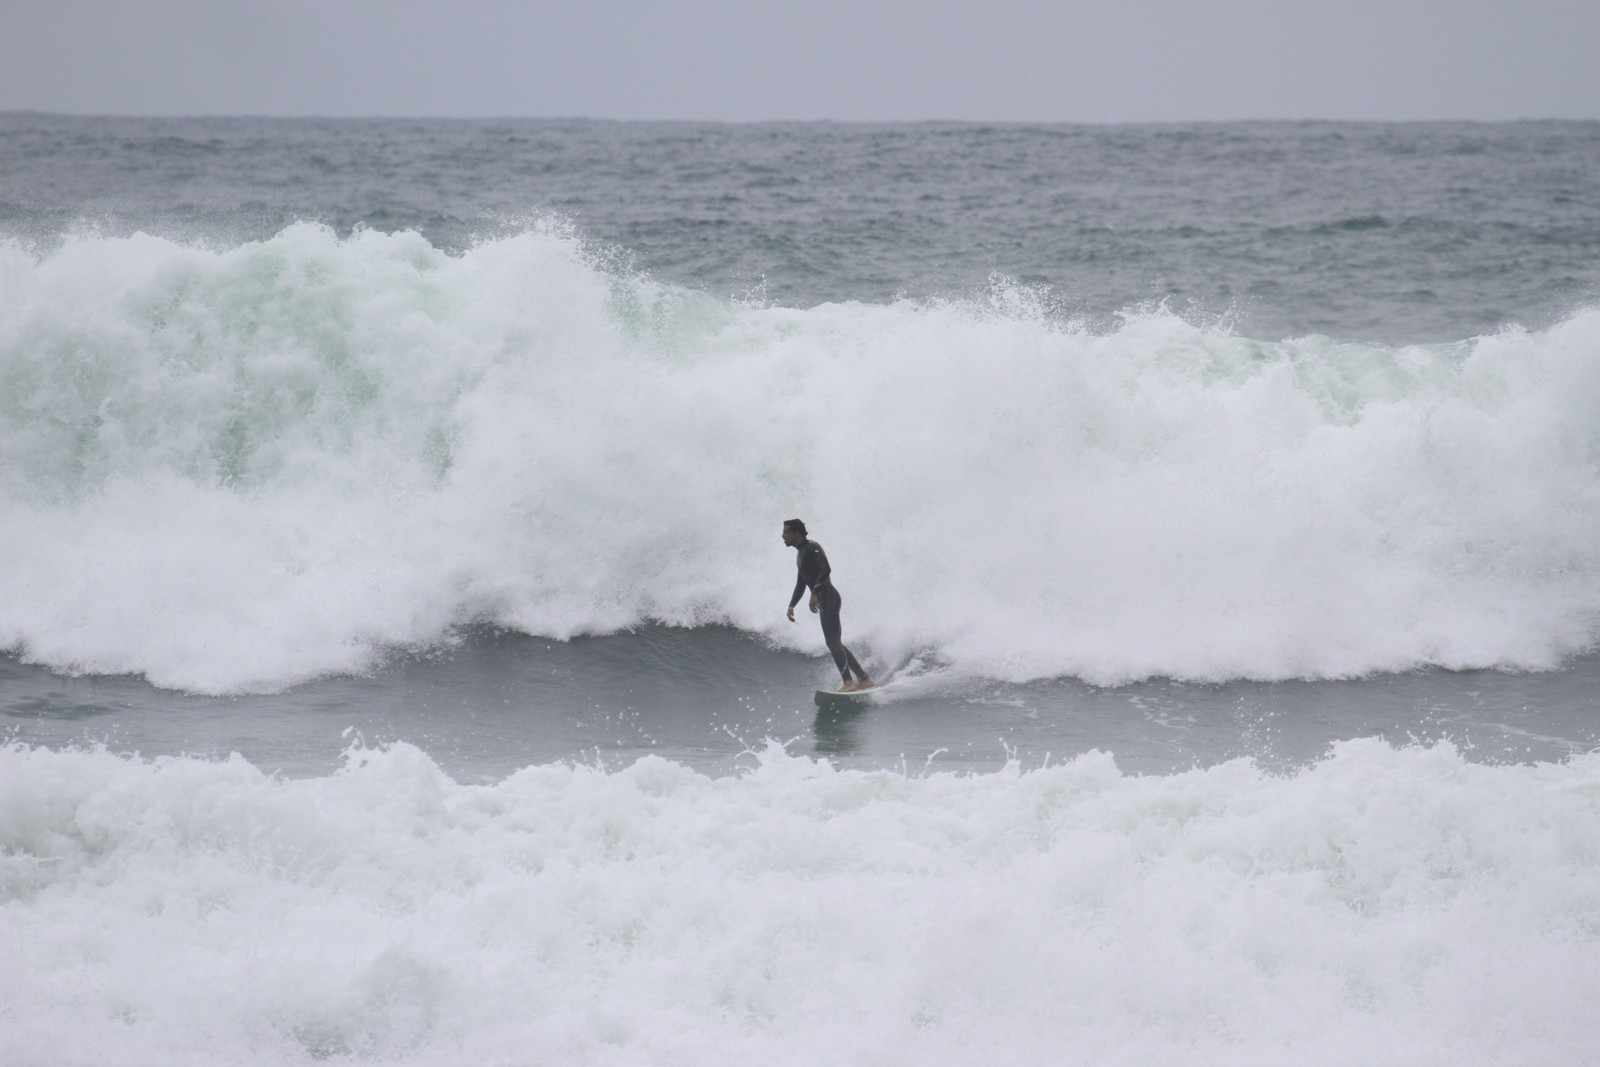 Cauã Reymond mostra habilidade em prancha de surfe